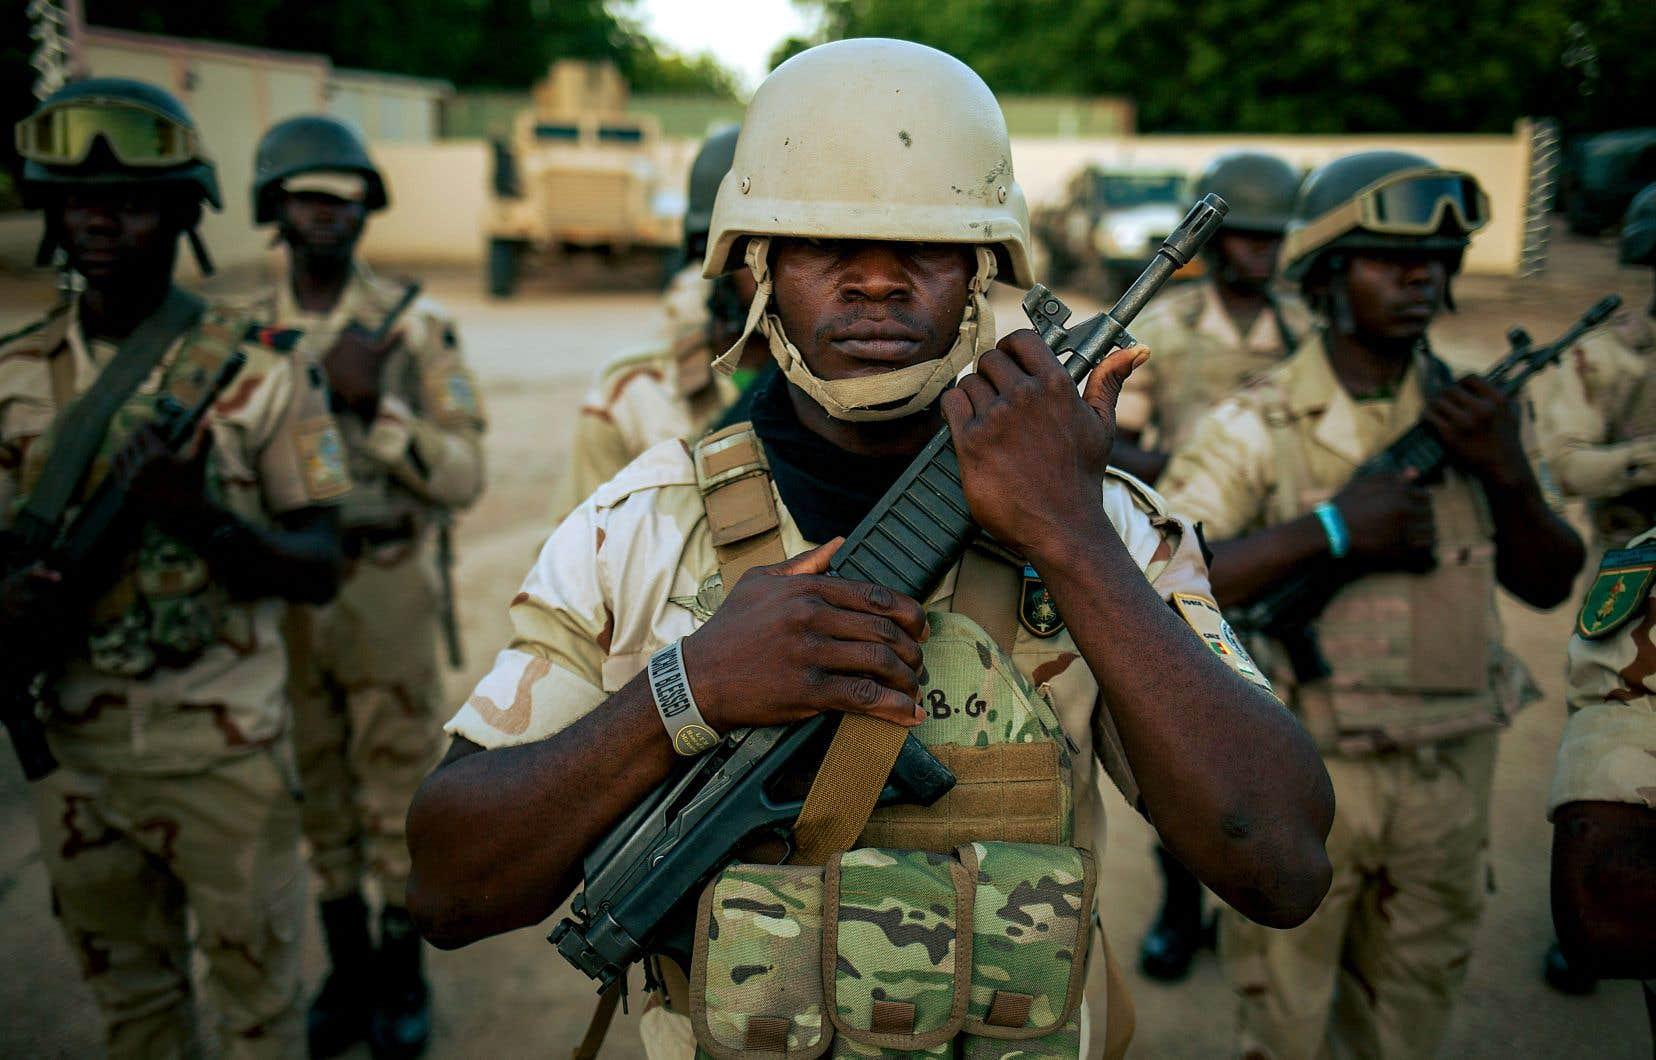 Des témoins ont accusé des militaires camerounais d'avoir perpétré cette tuerie.